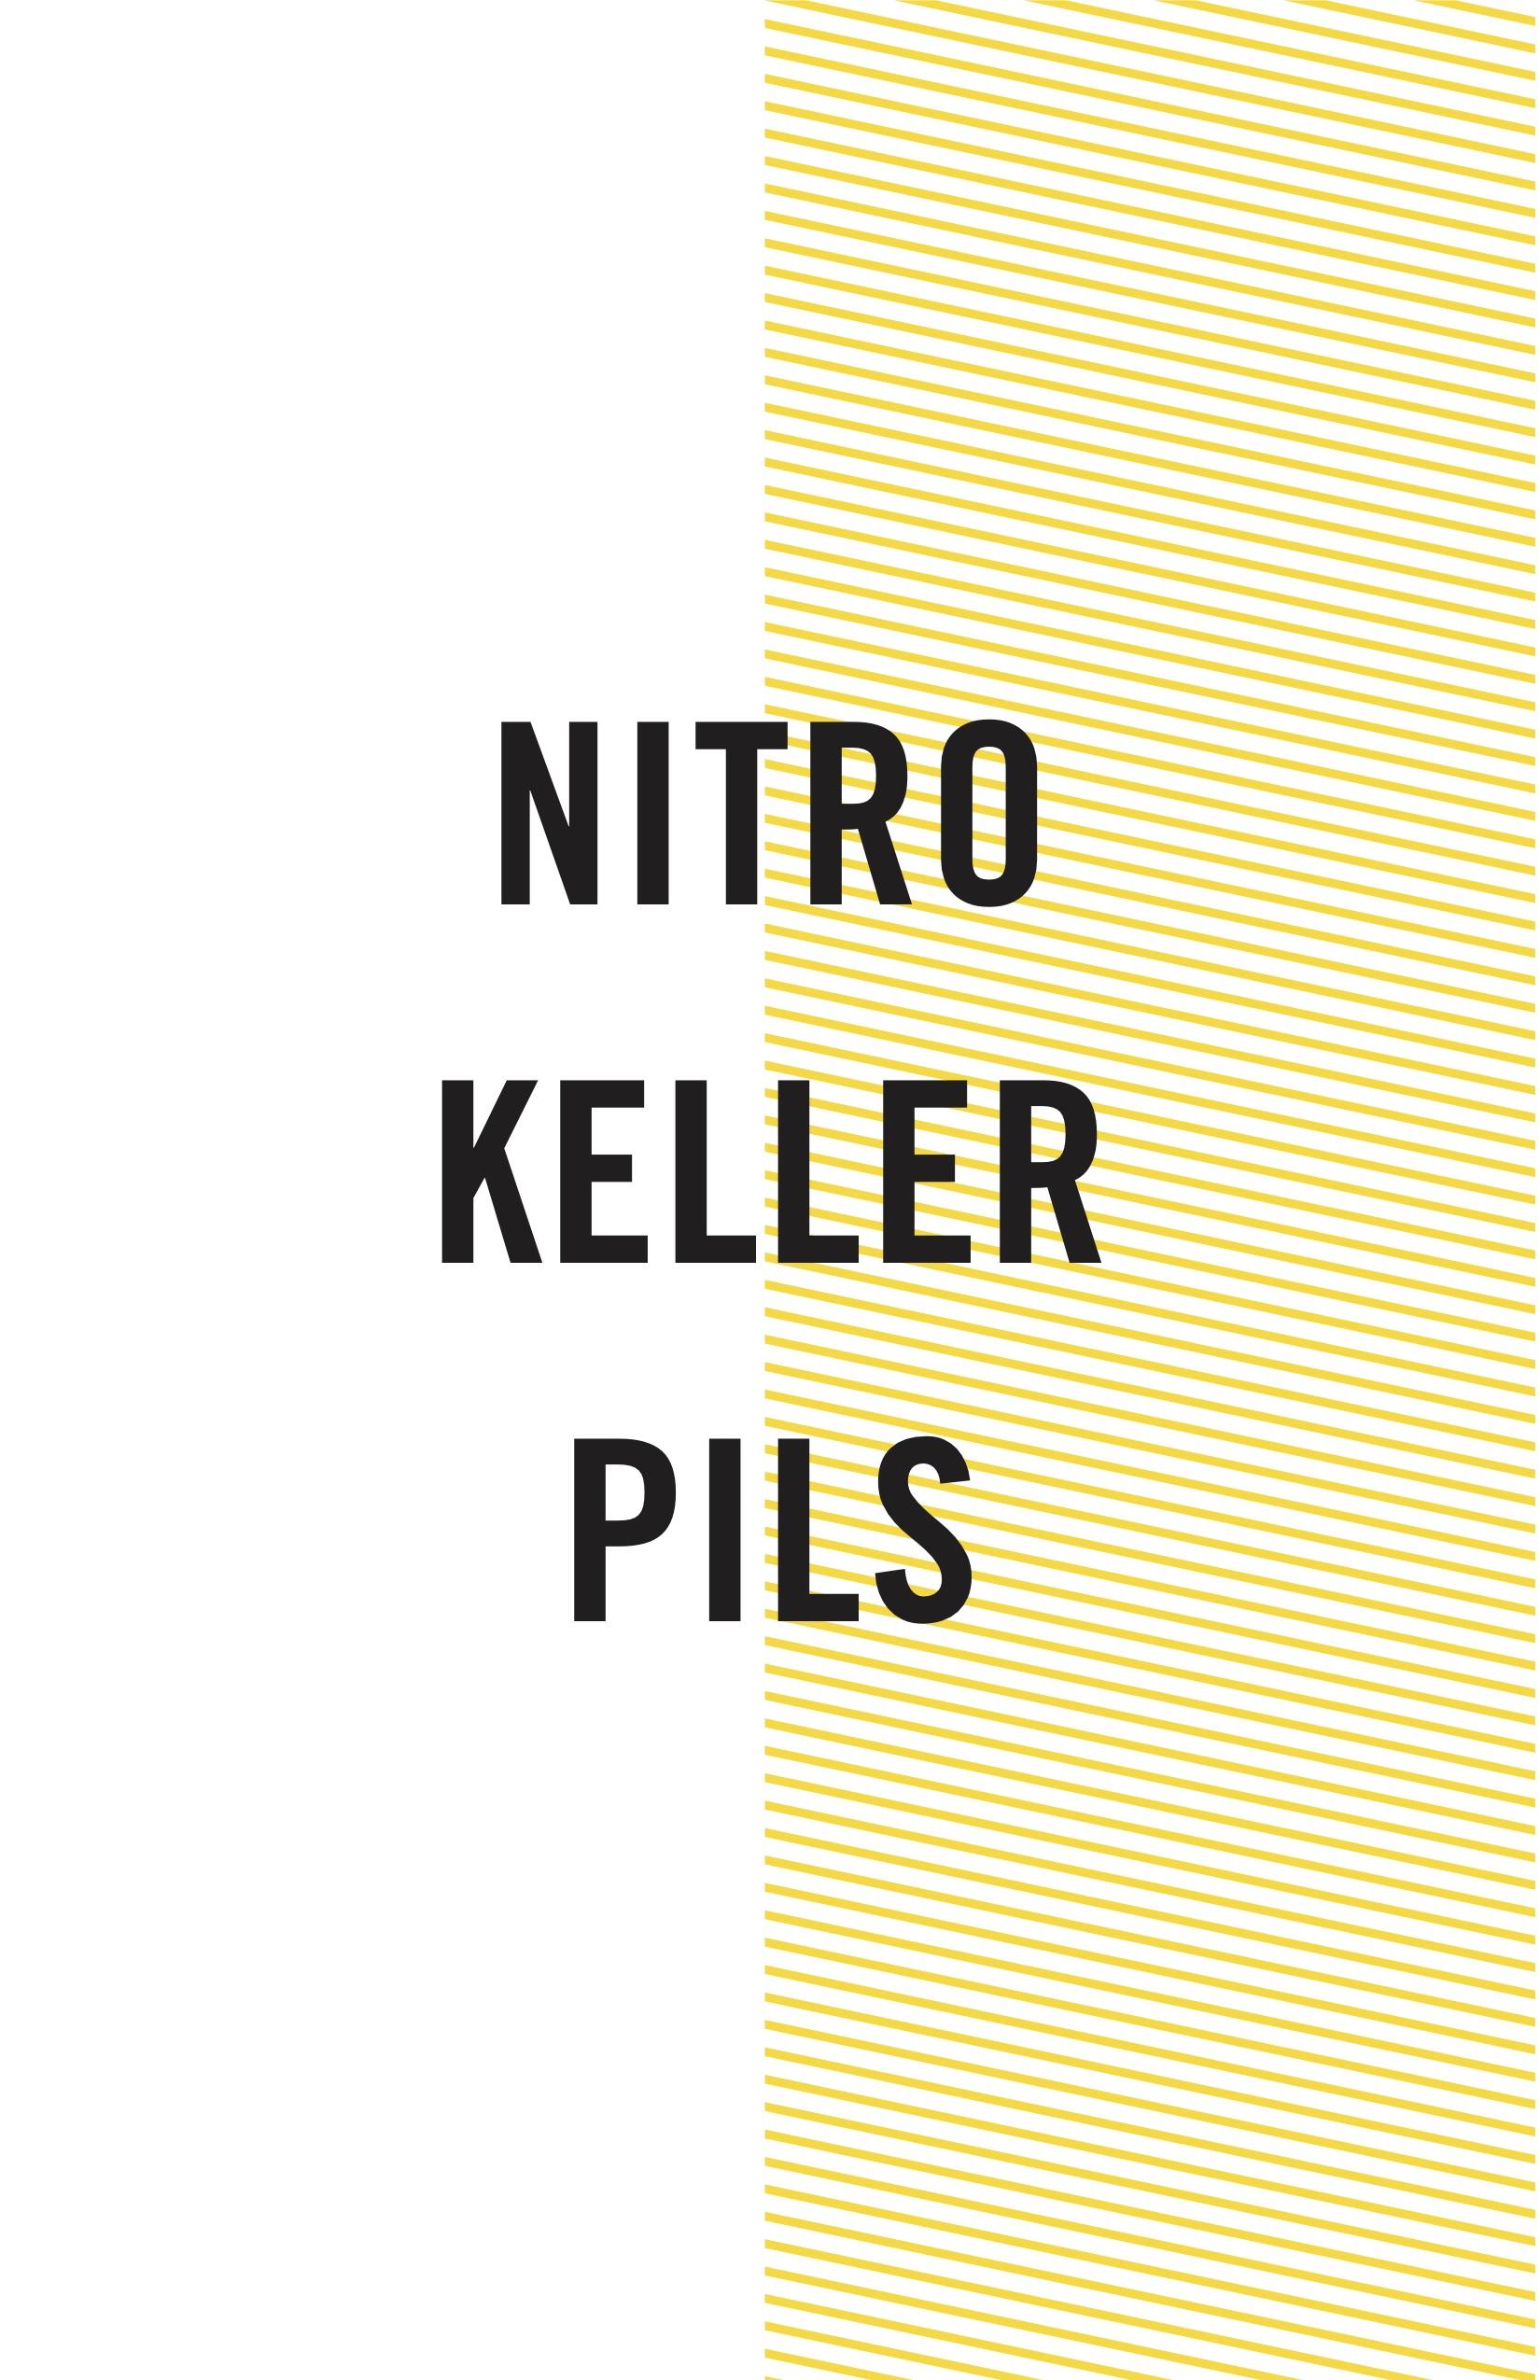 NITRO KELLER PILS.jpg